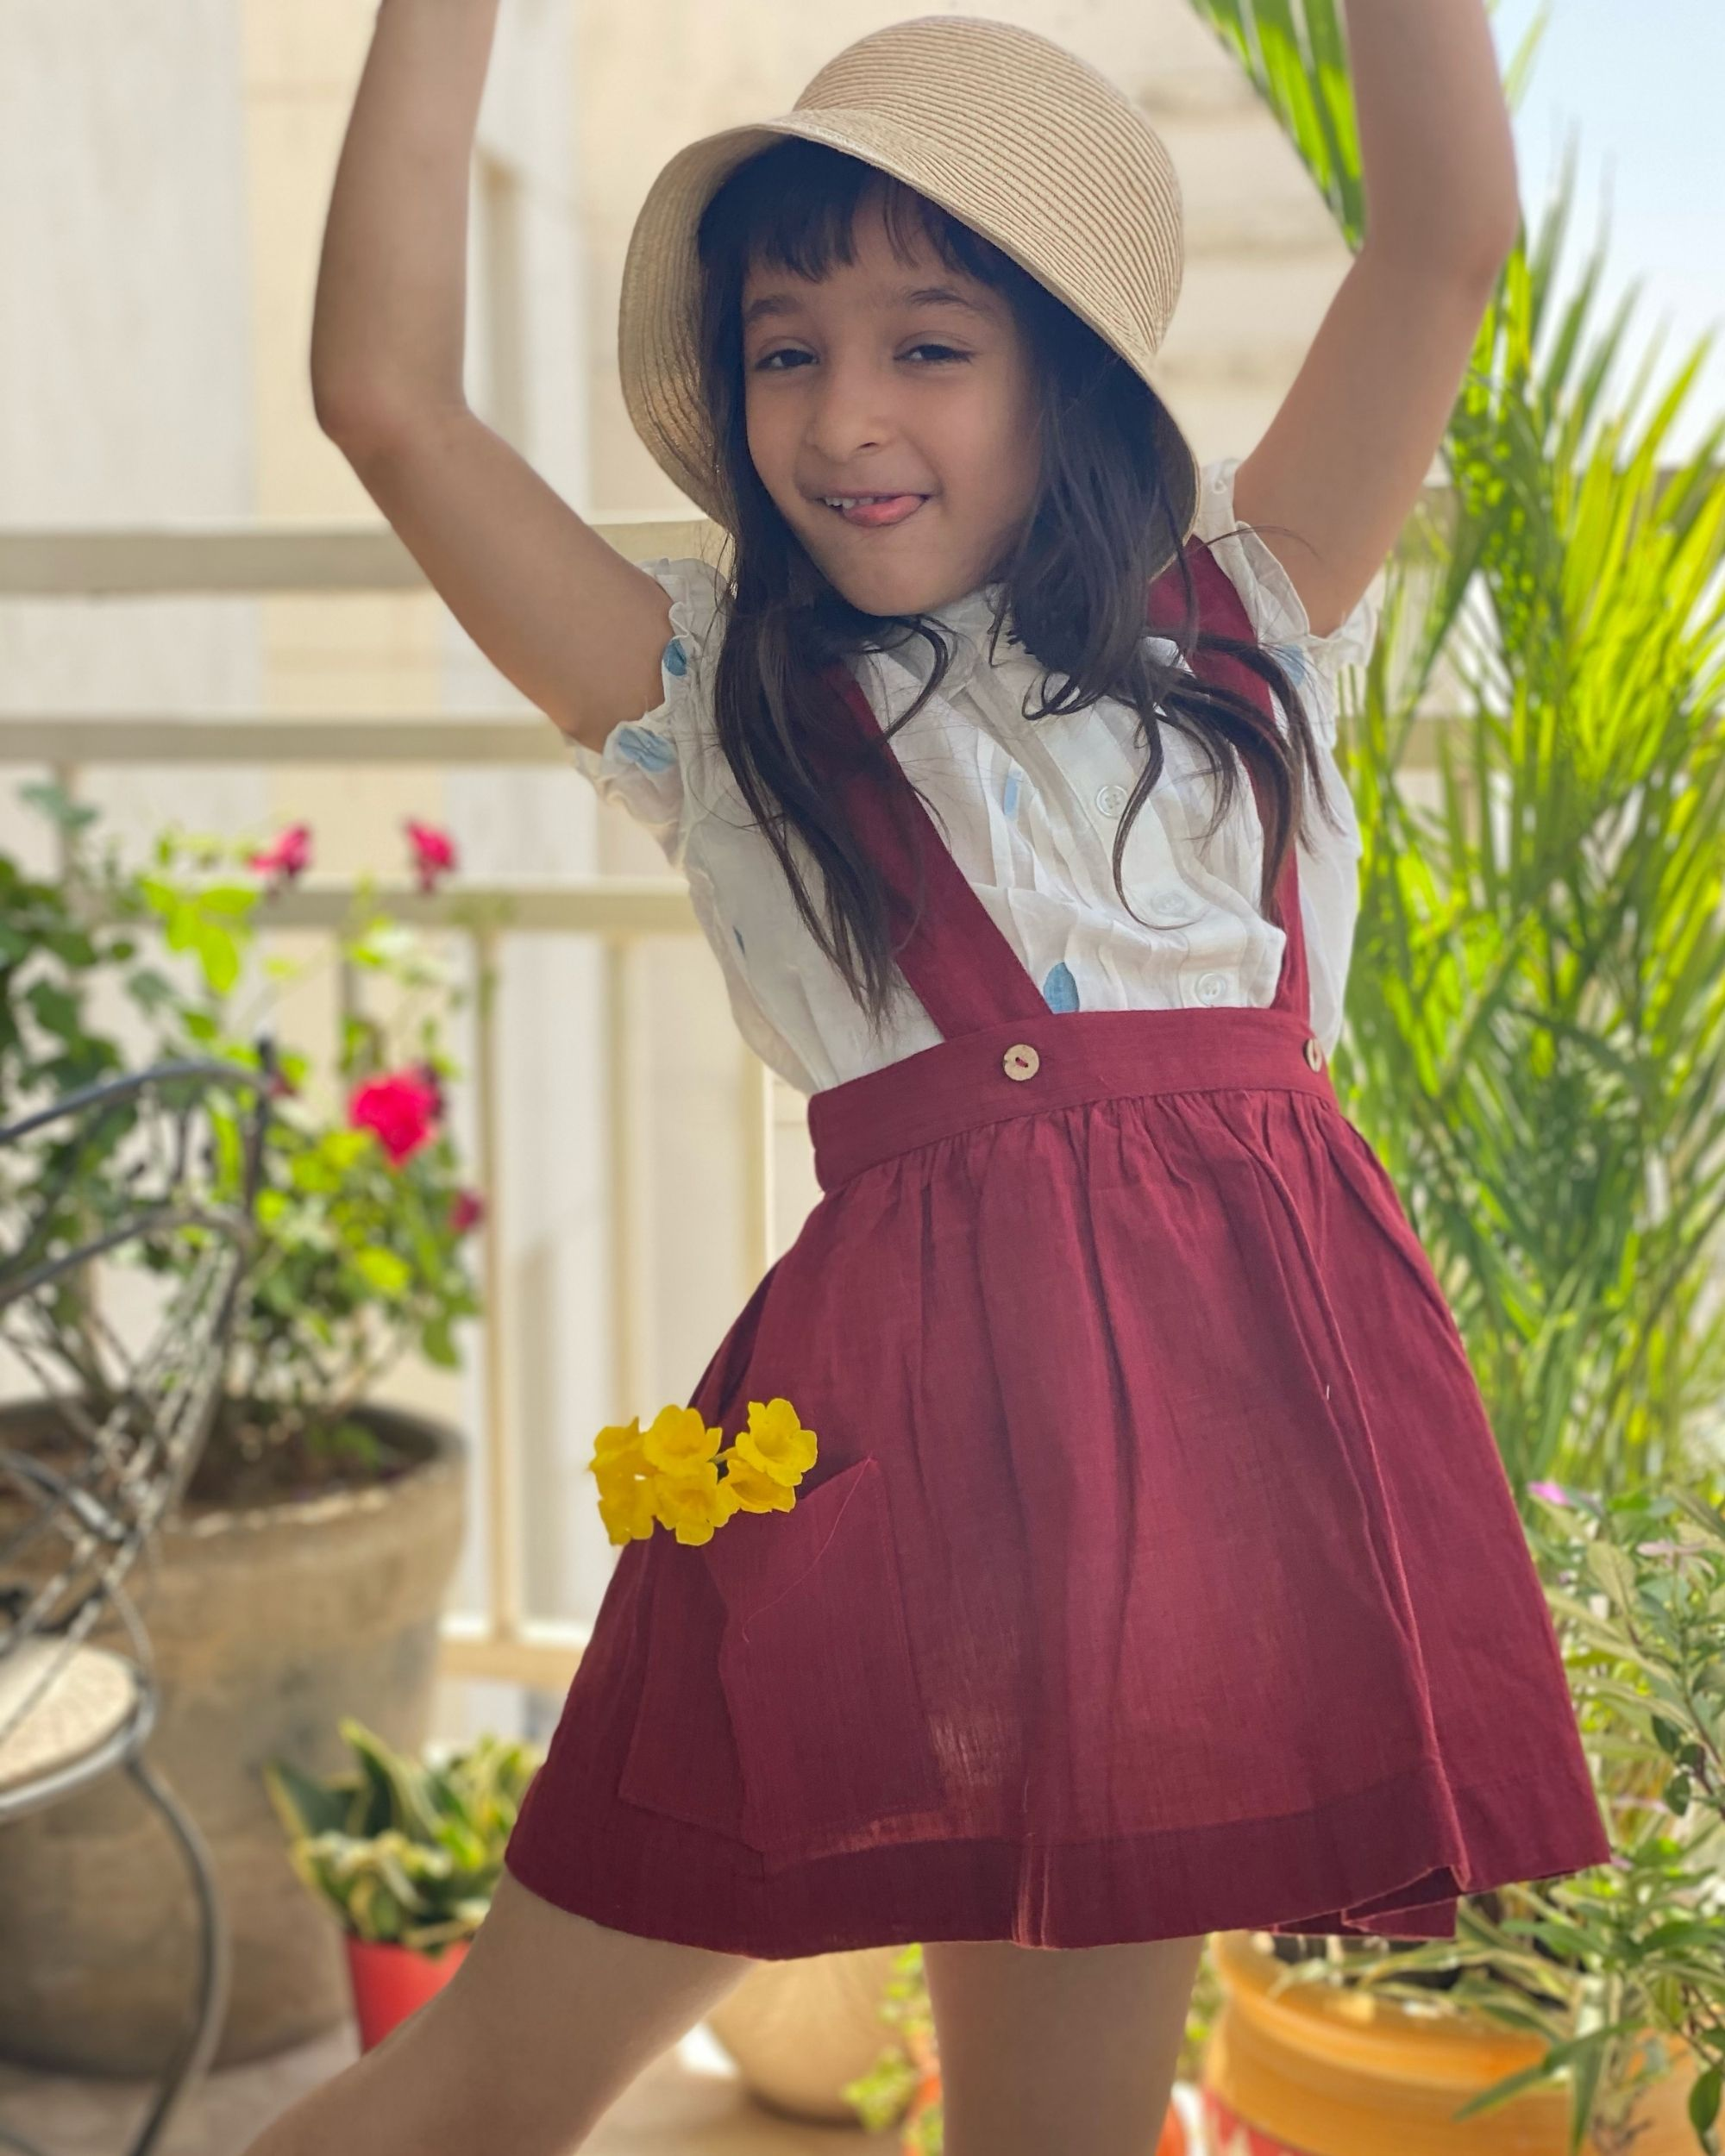 Red suspender skirt